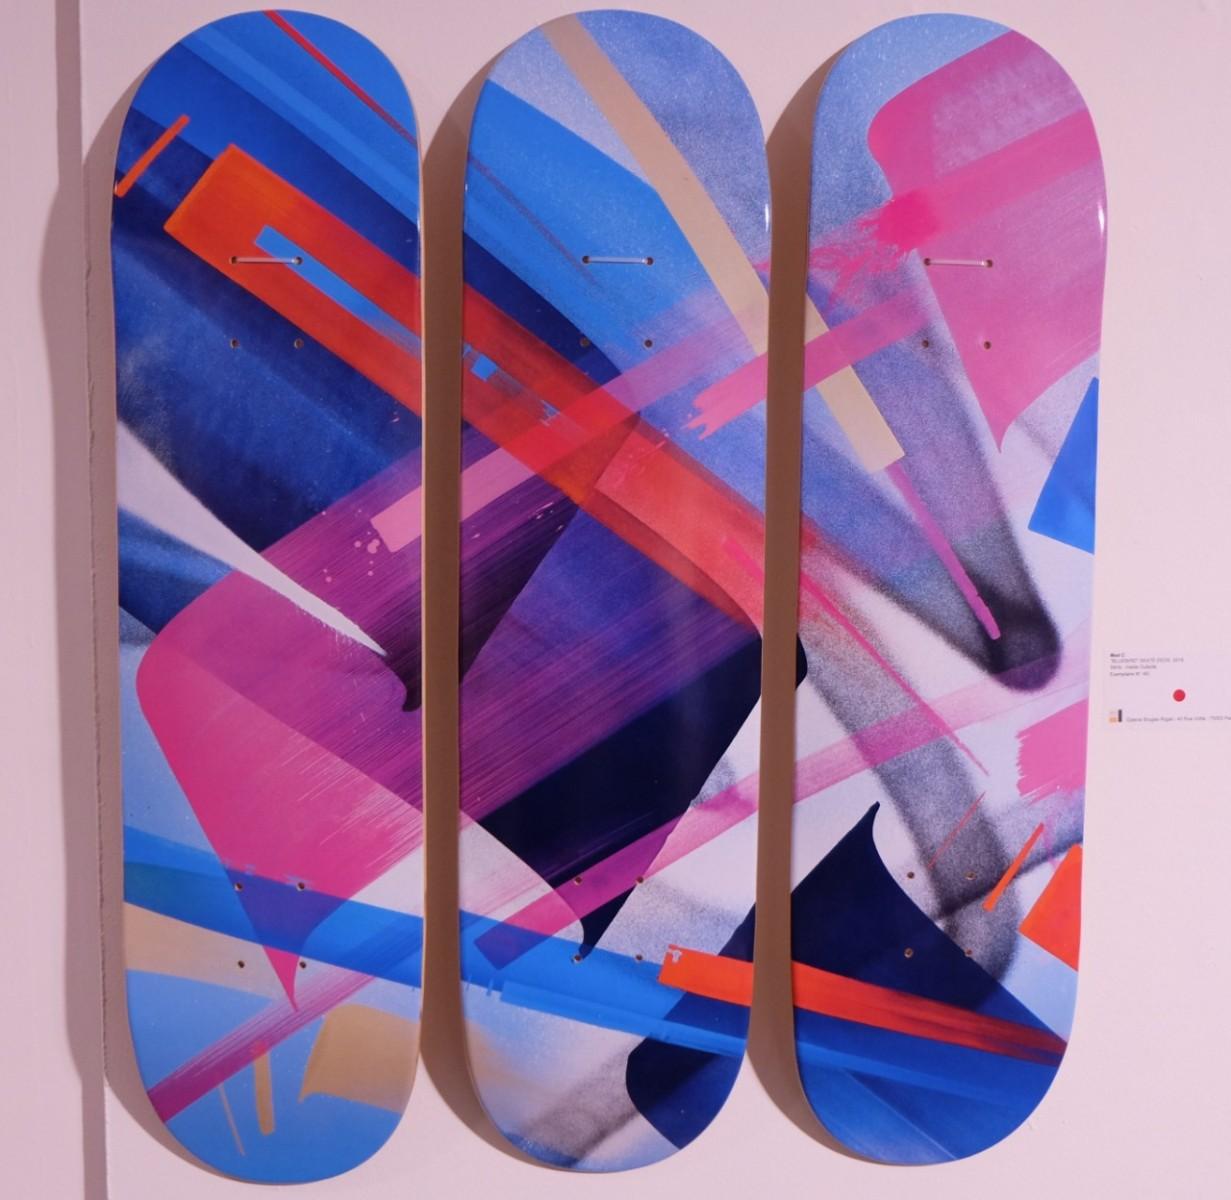 Cette série de planches de Skate